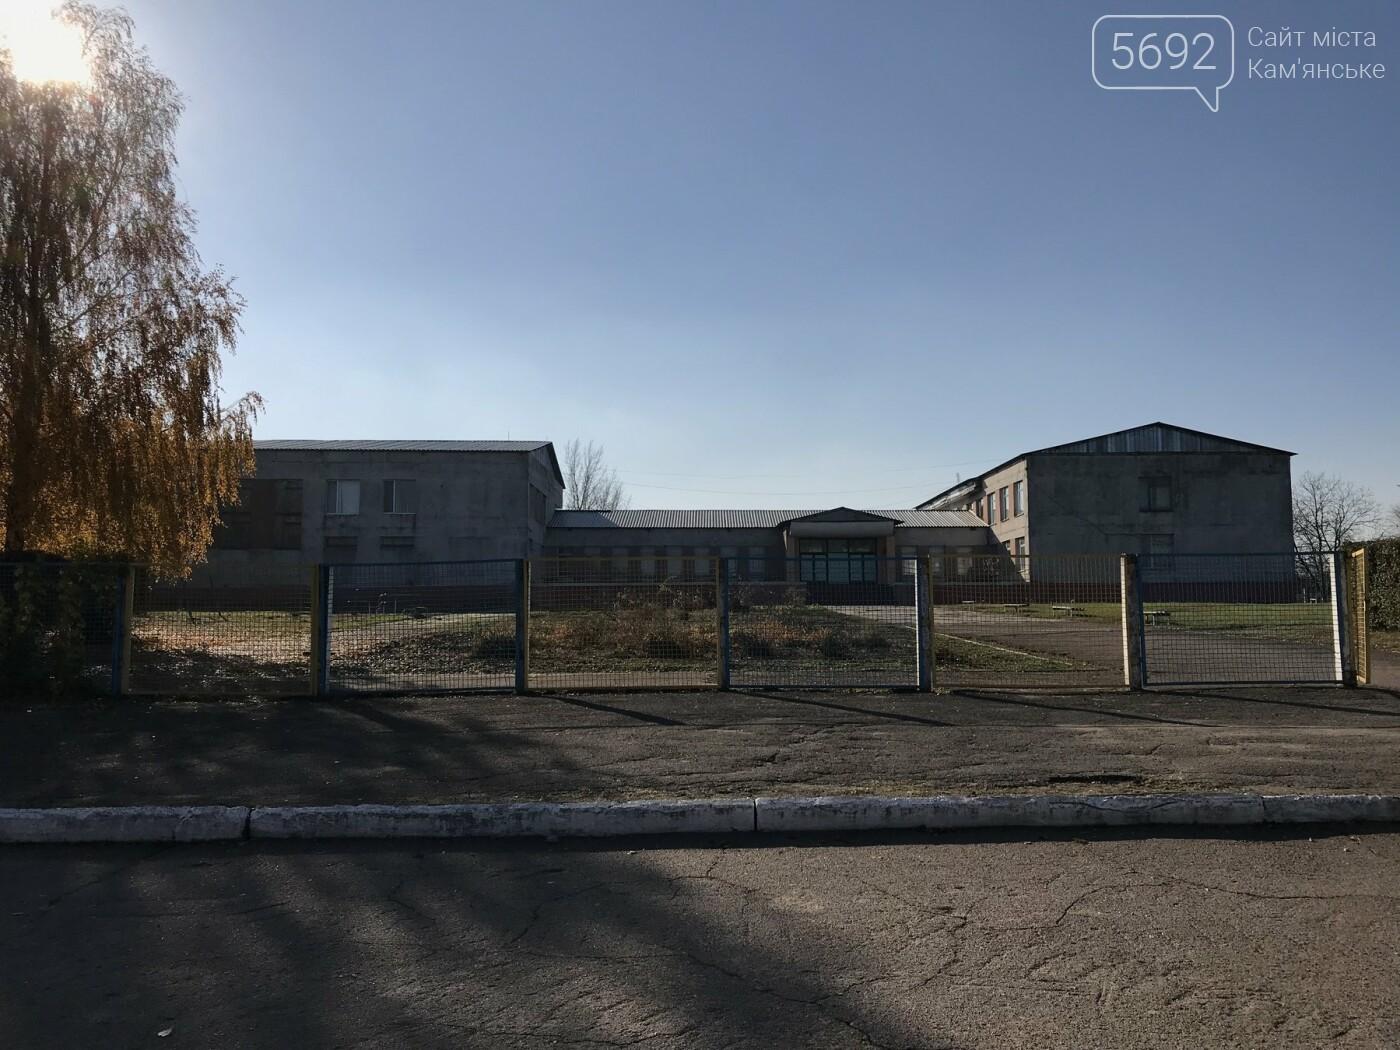 Что получит Каменское в случае присоединения: репортаж из Степового, фото-18